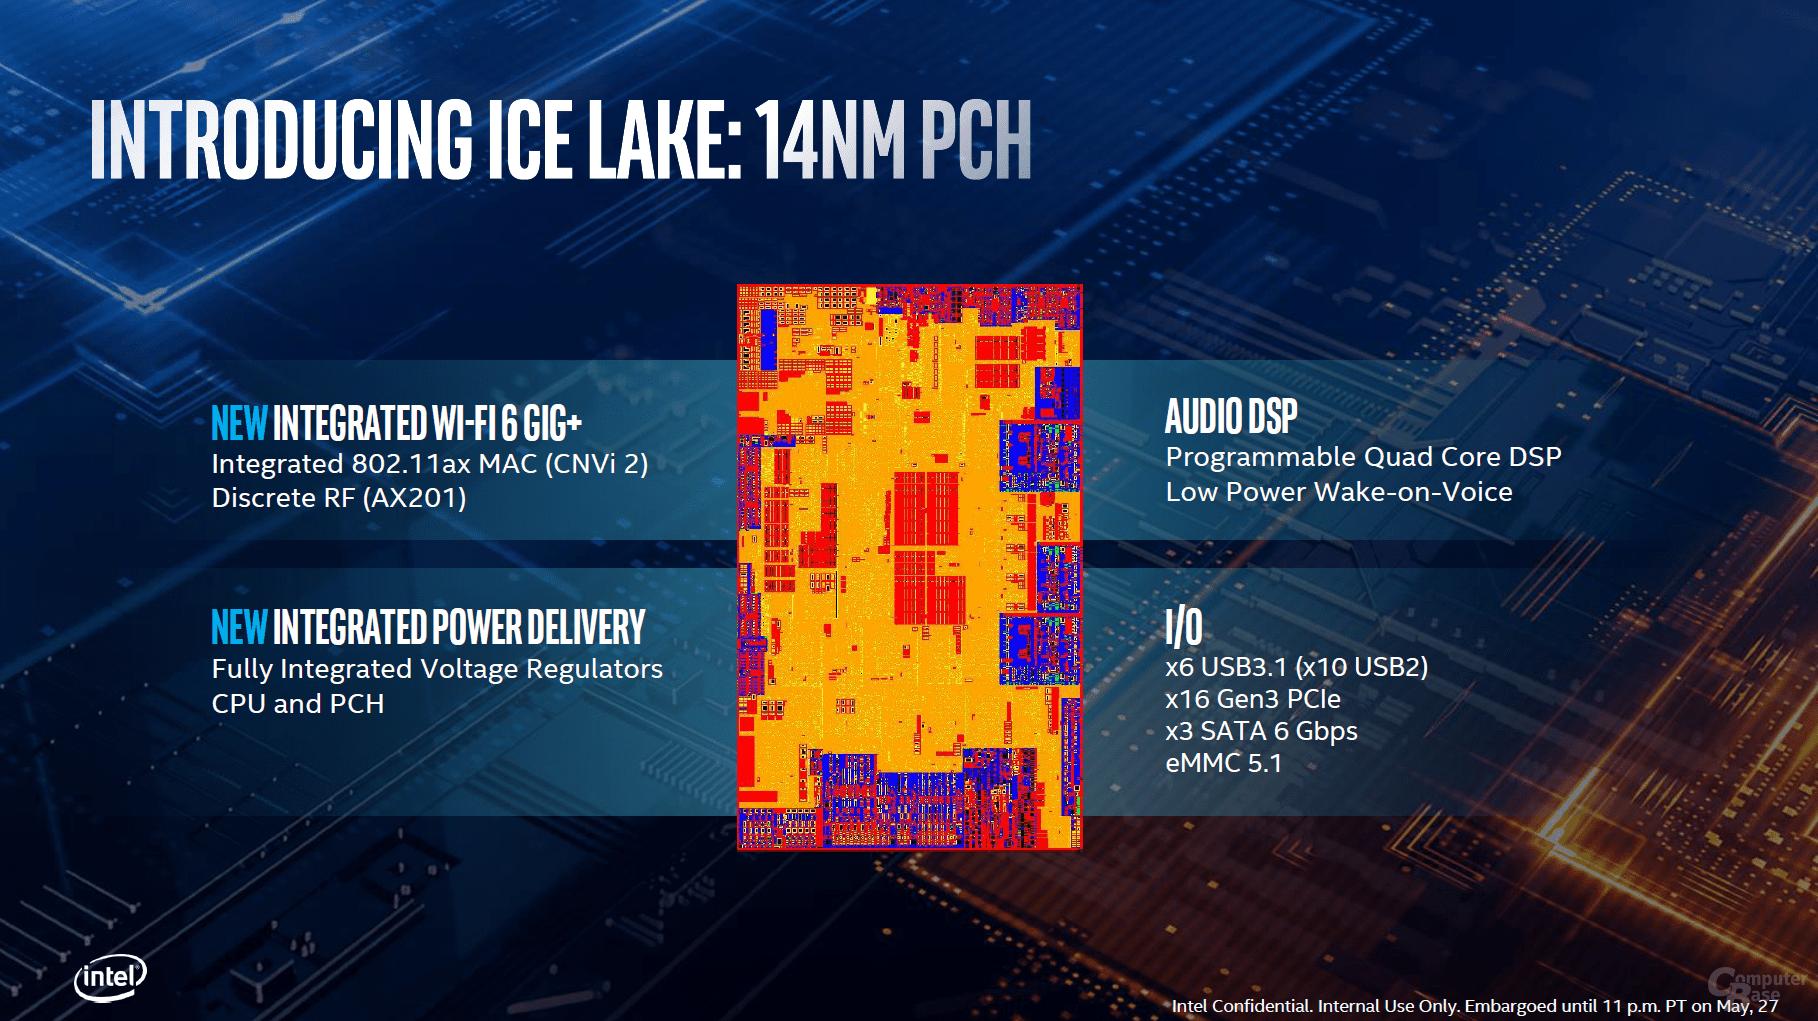 Ice Lake PCH